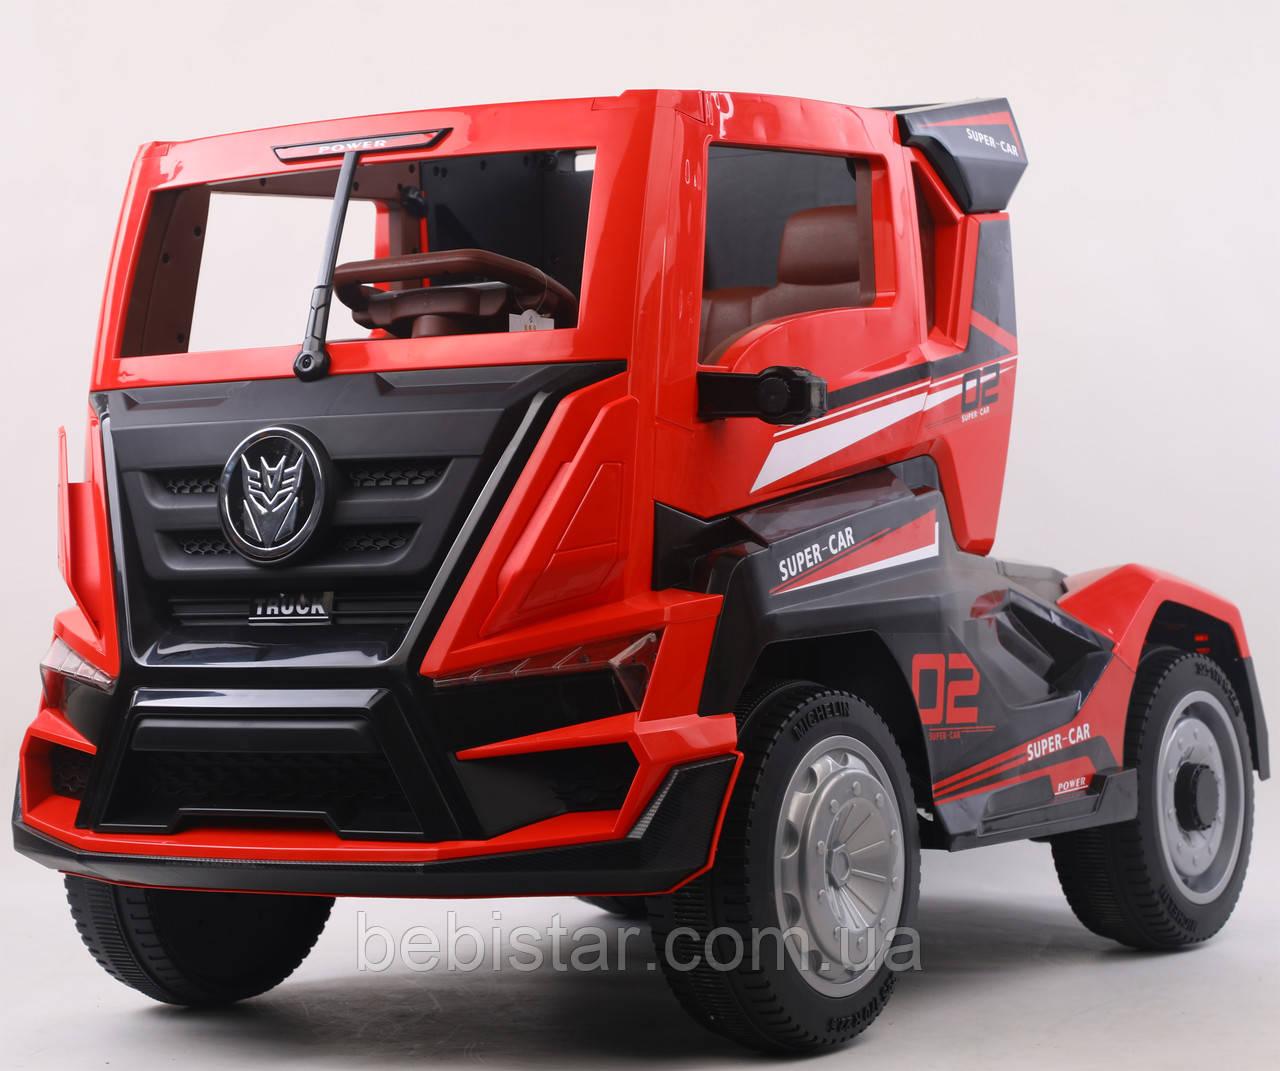 Детский электромобиль грузовик красный на EVA колесах с пультом и МР3 размер 128х70х76см